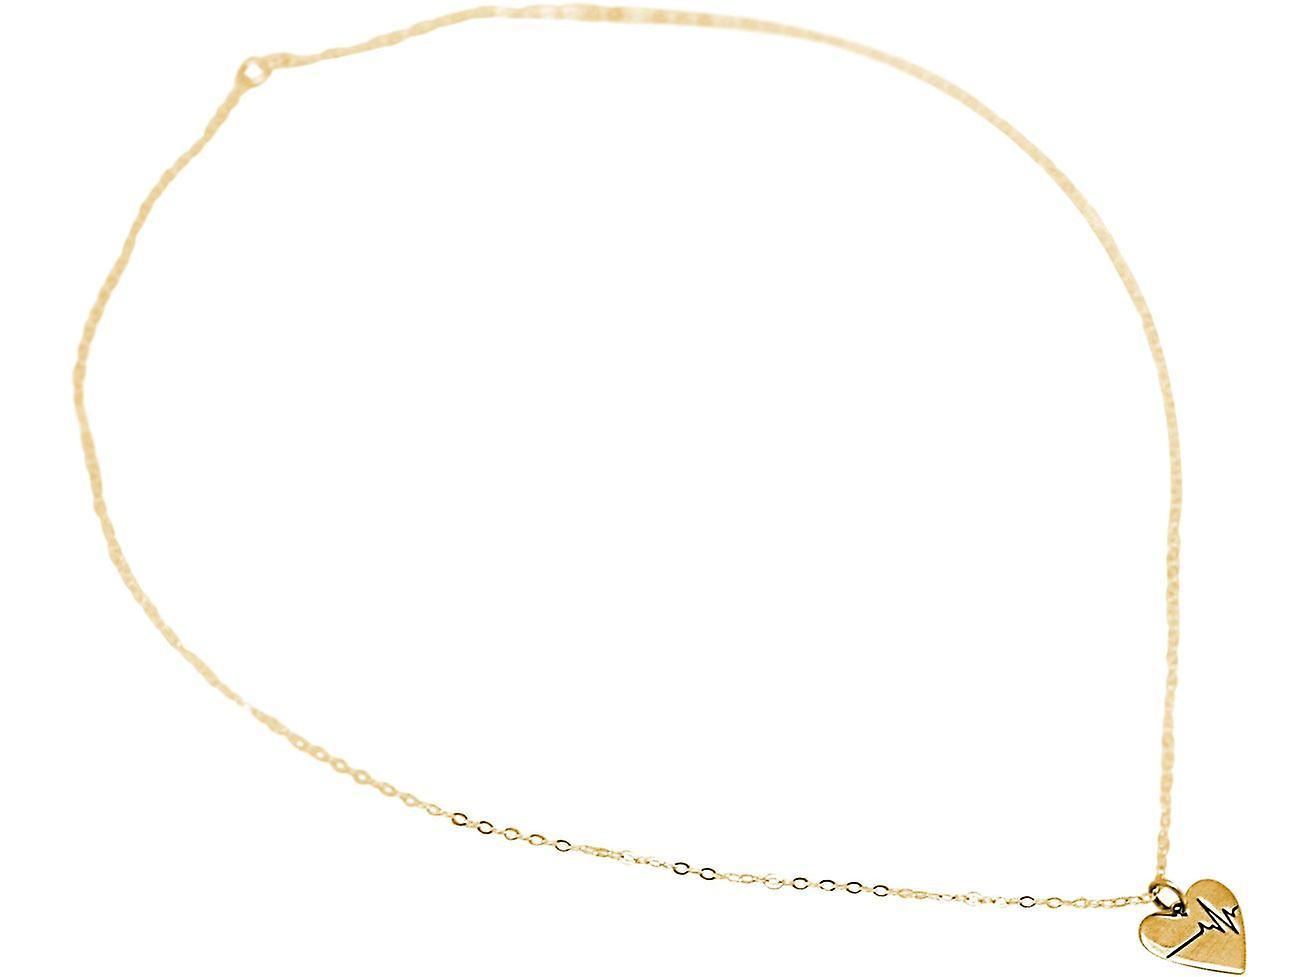 Halskette Herzschlag EKG: Doktor, Arzt, Krankenschwester, Biologe in 925 Silber